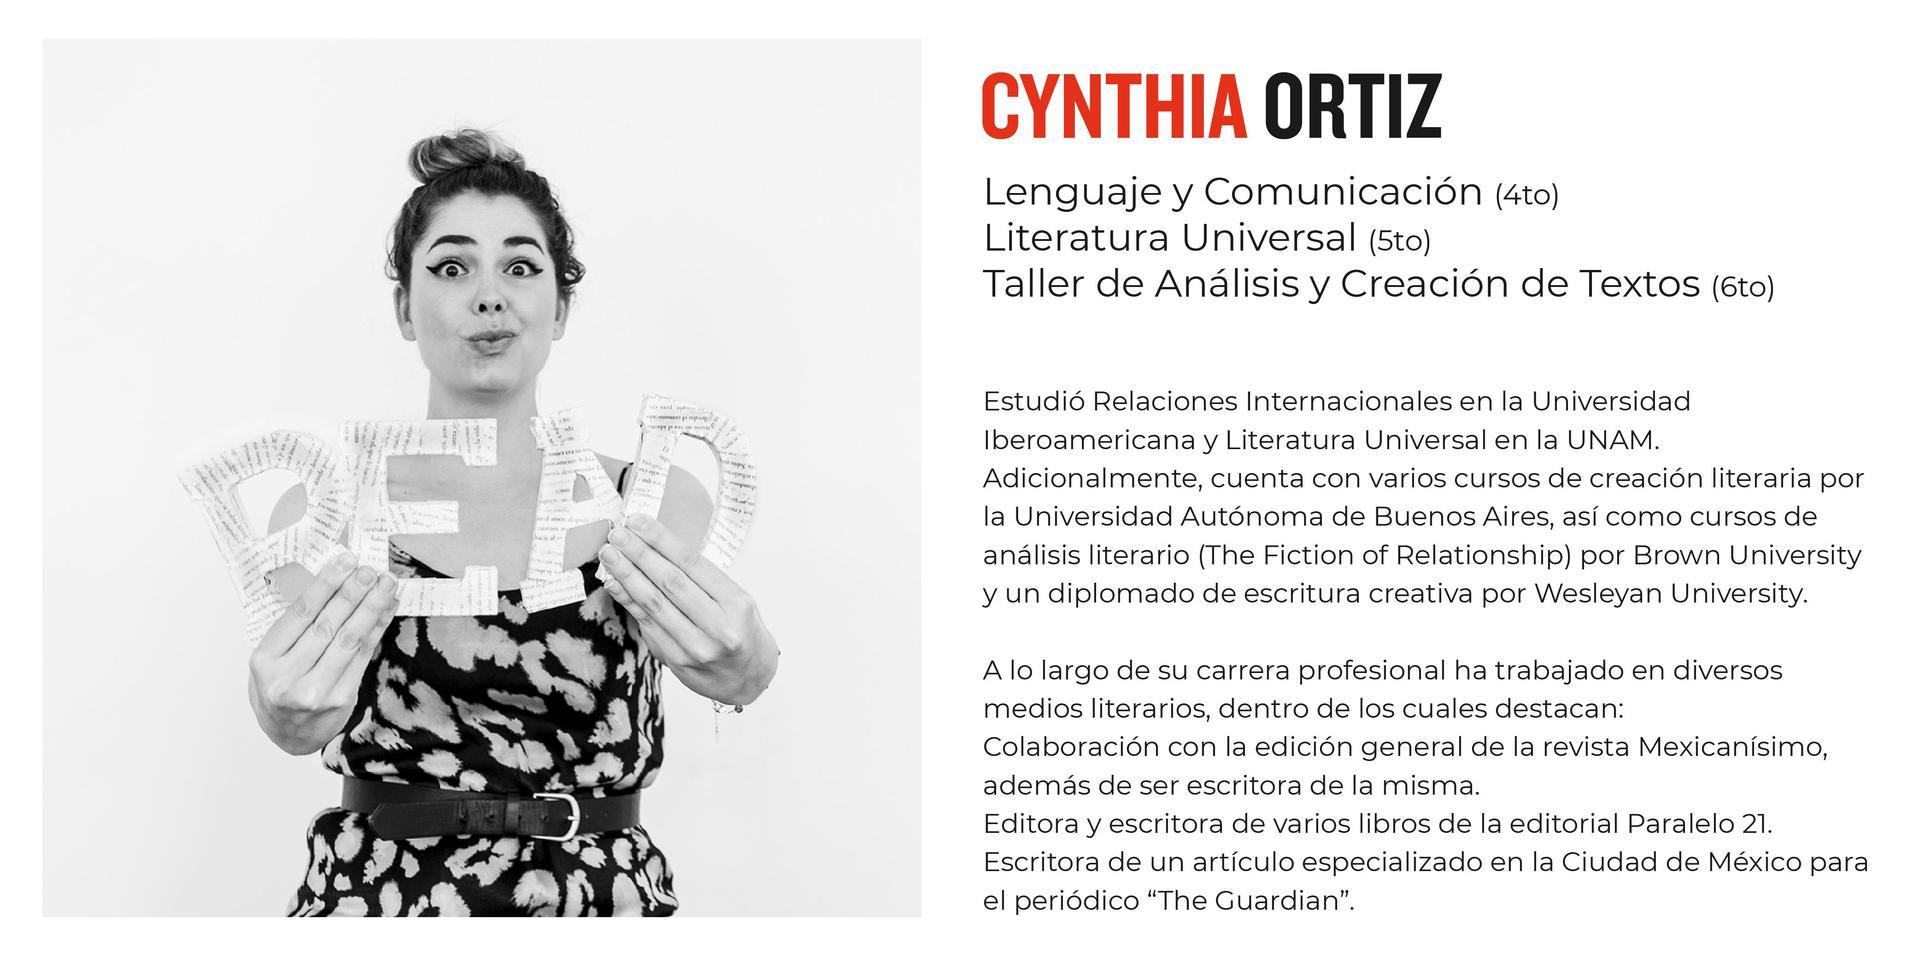 Cynthia Ortiz